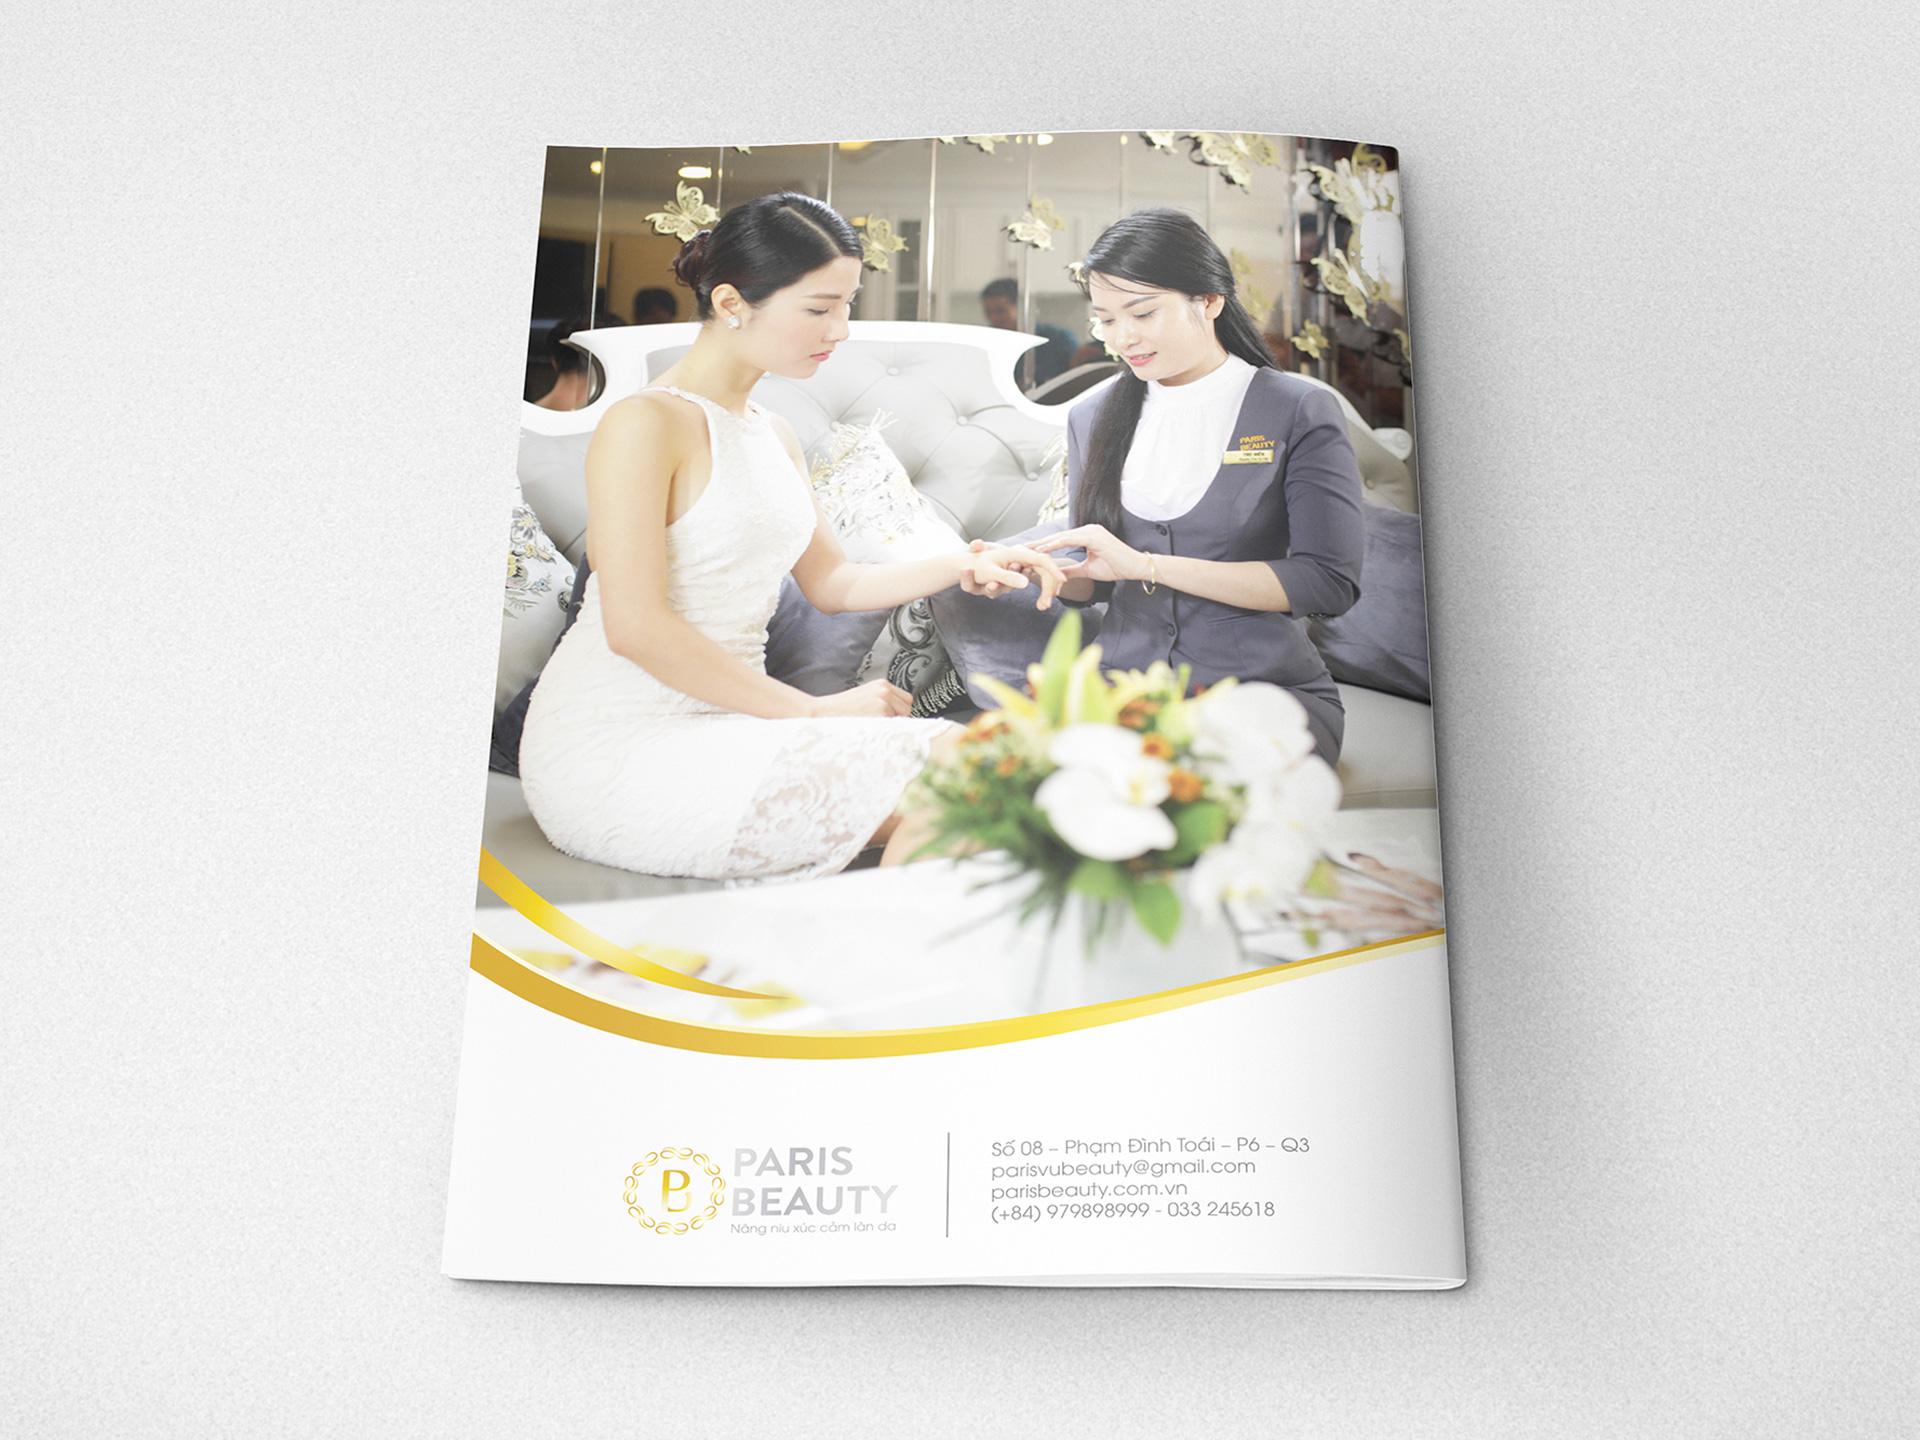 Sáng tác slogan, thiết kế logo thương hiệu và website spa Paris Beauty tại TP HCM